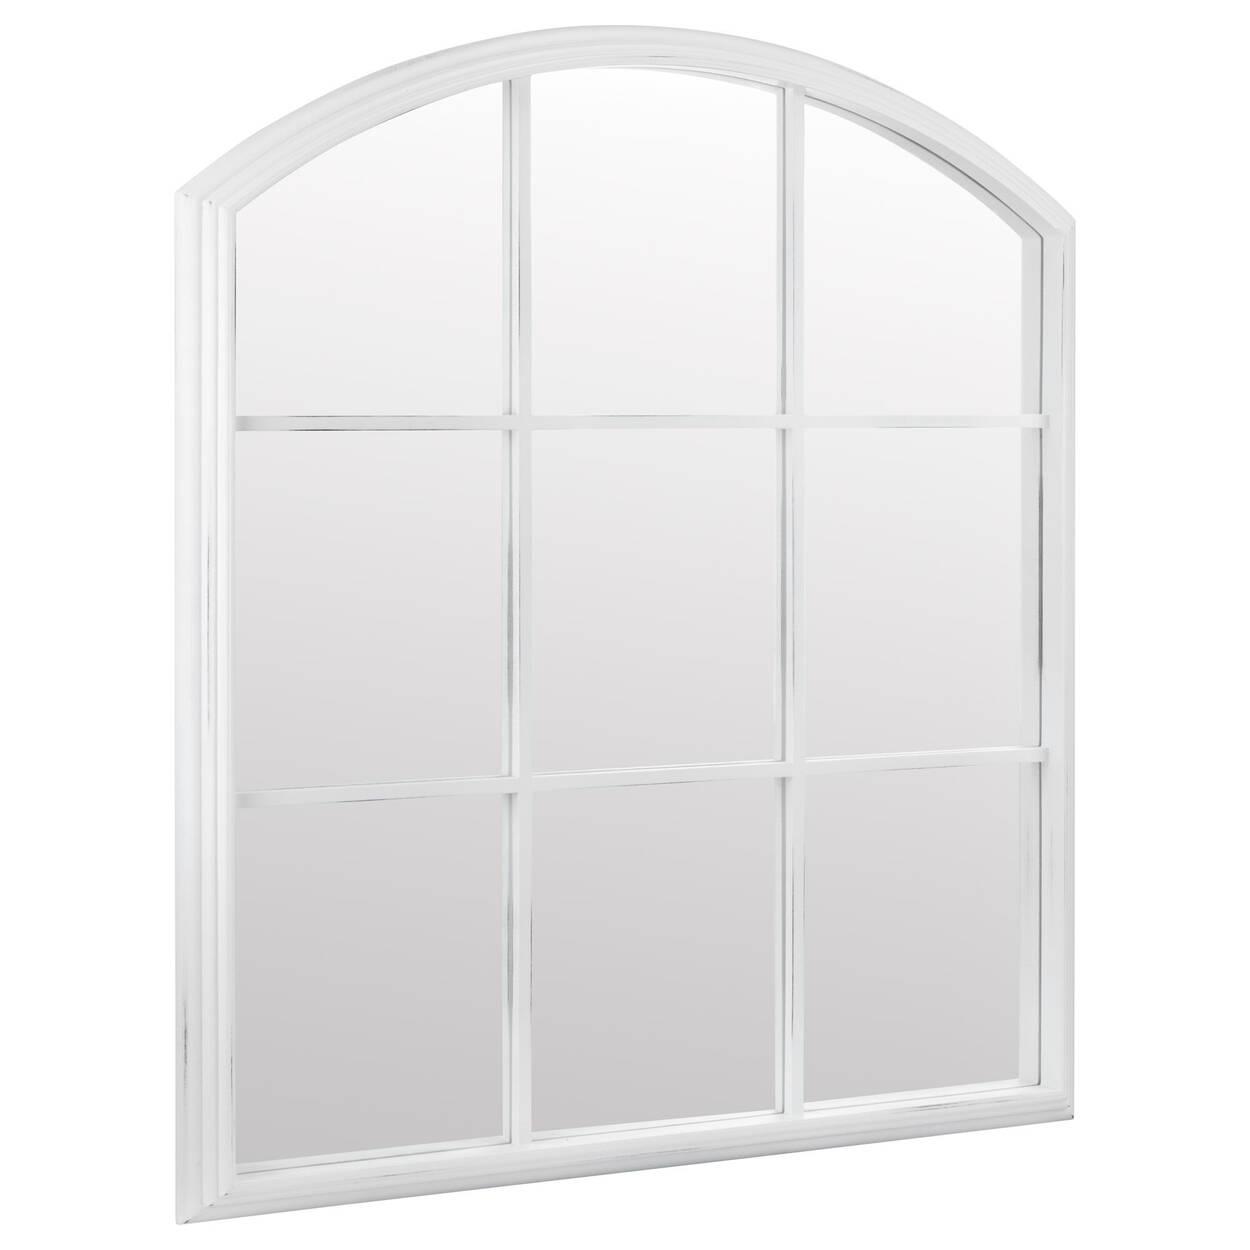 Miroir arqué style fenêtre